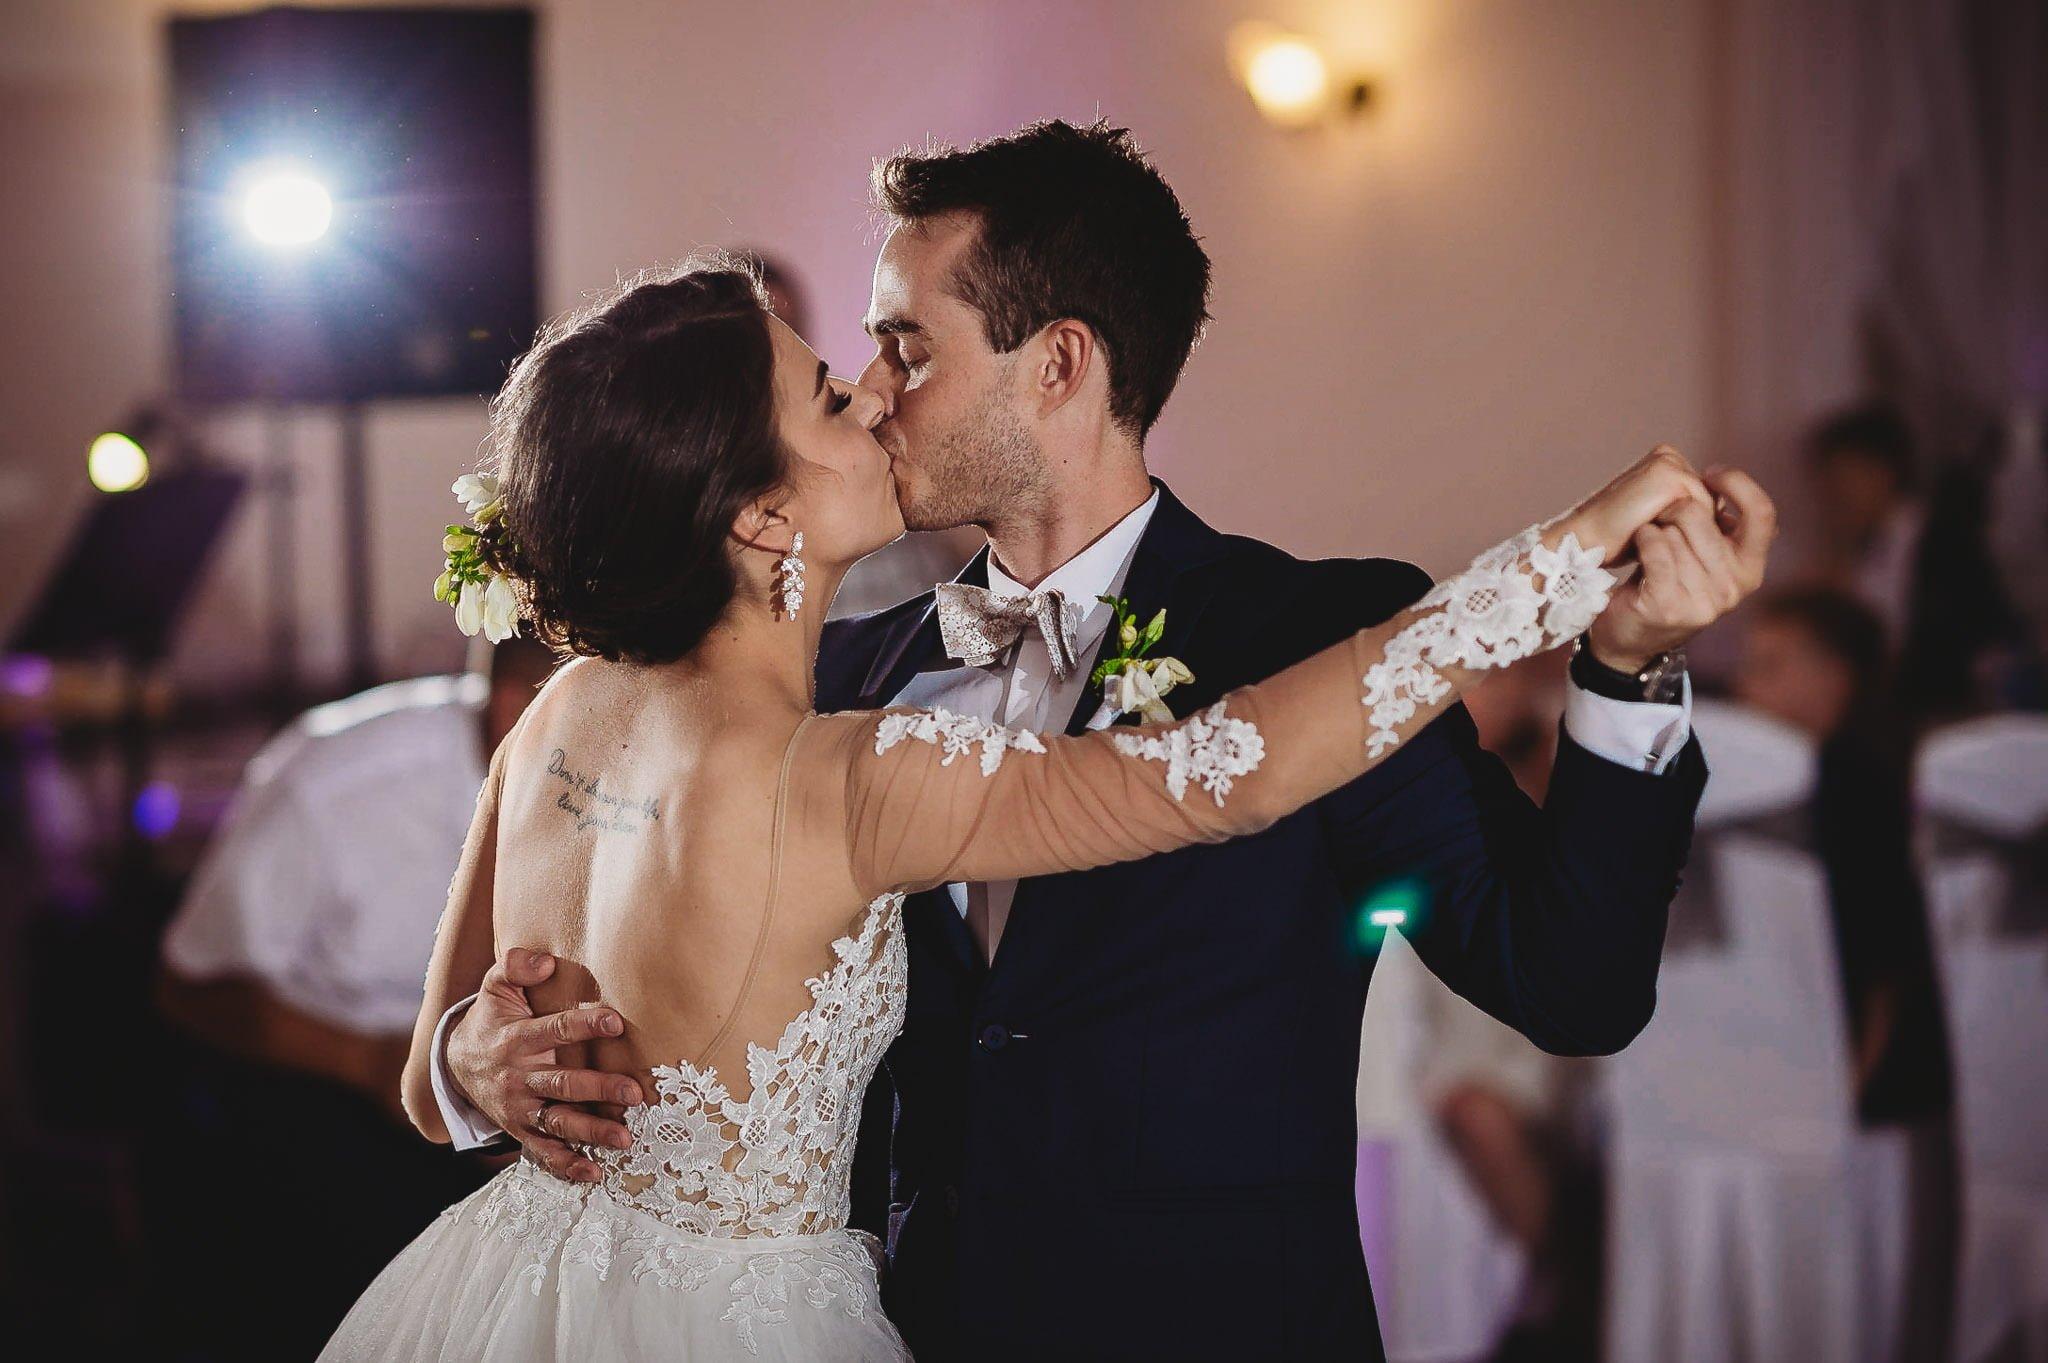 Angelika i Michał, piękne zdjęcia ślubne i sesja plenerowa w Gołuchowie 172